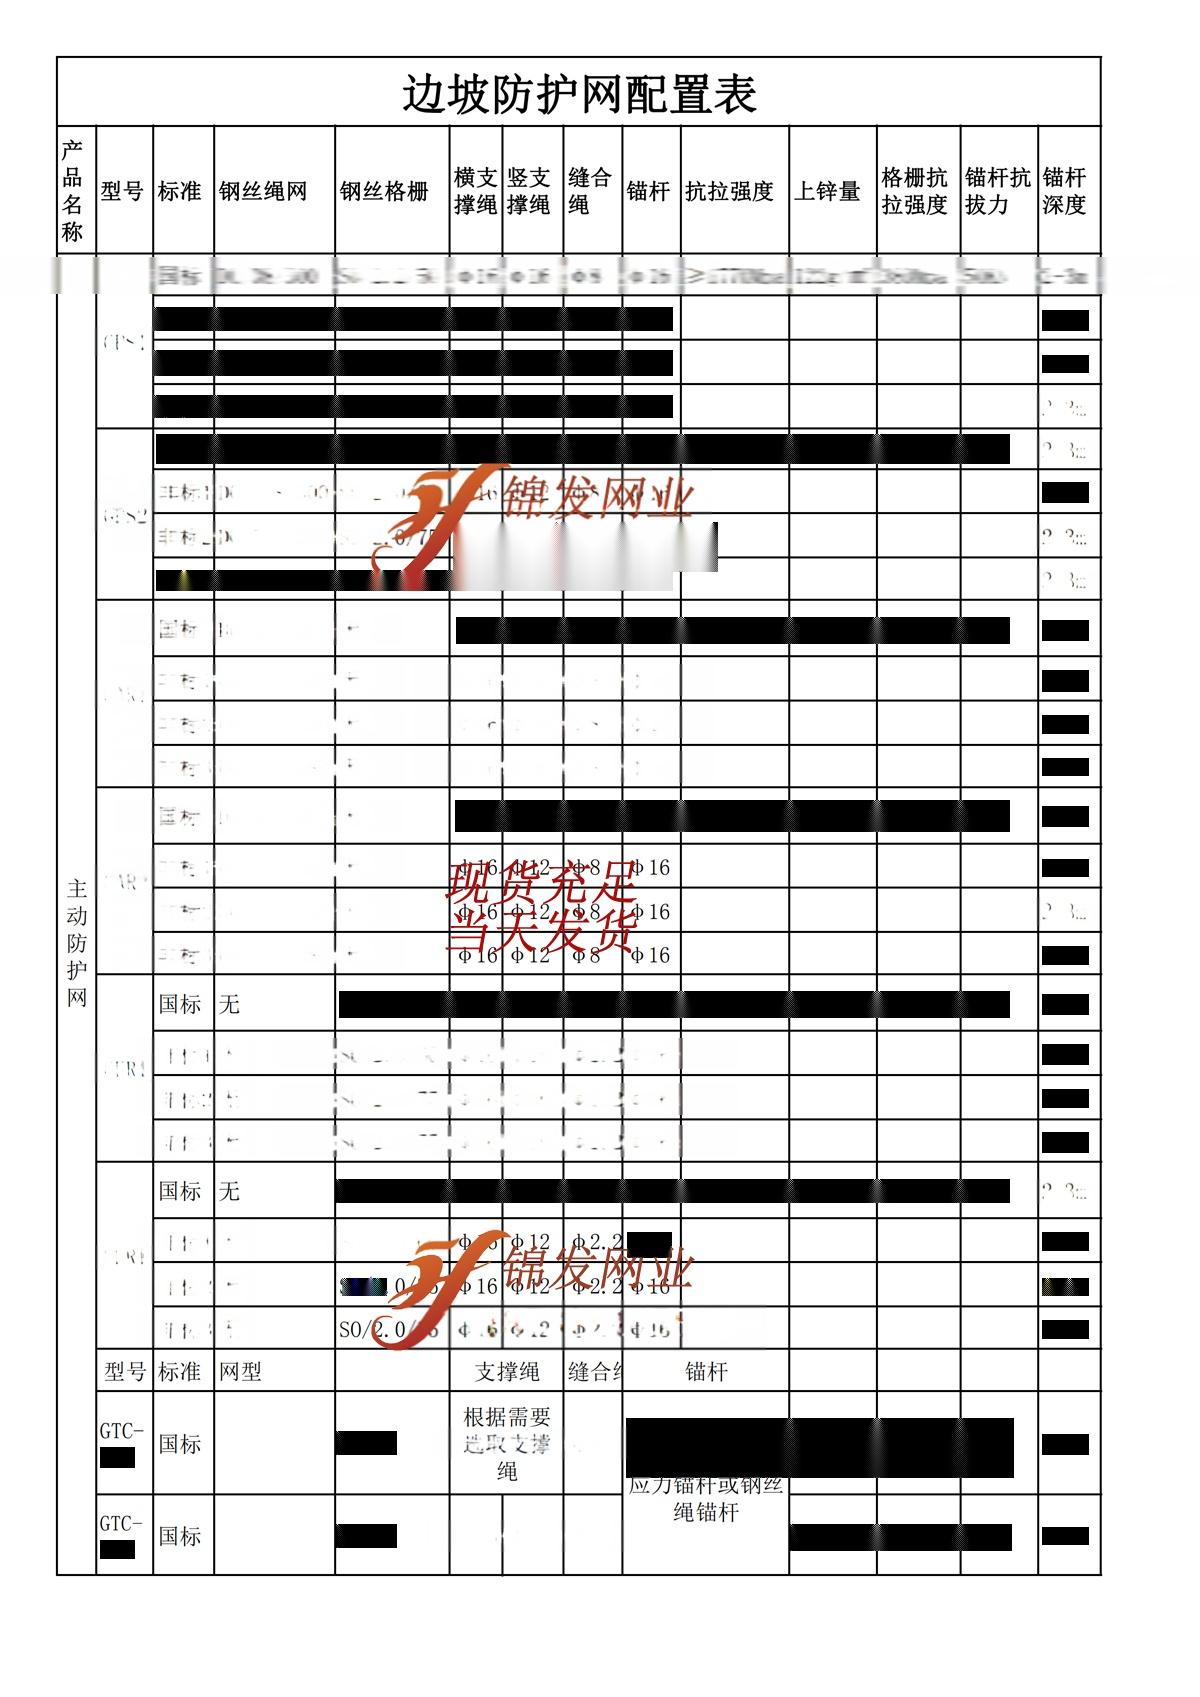 邊坡防護材料配置表格_00.png